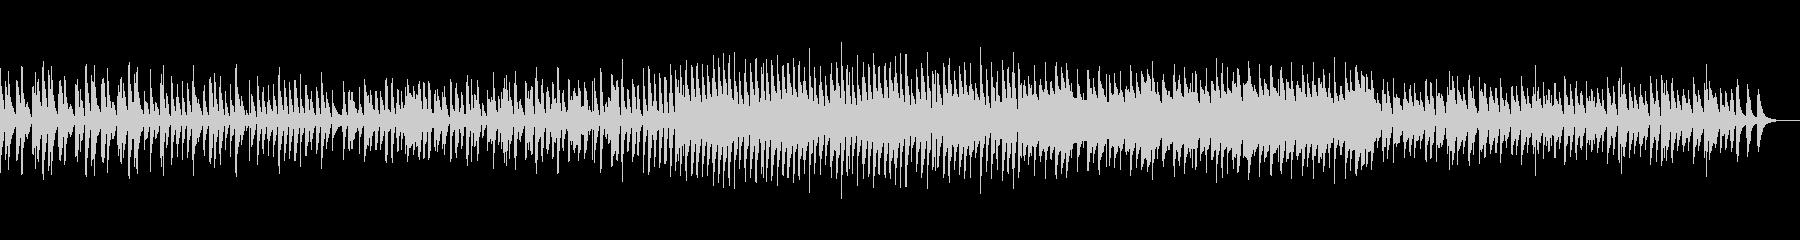 ほのぼのとした雰囲気のBGMの未再生の波形